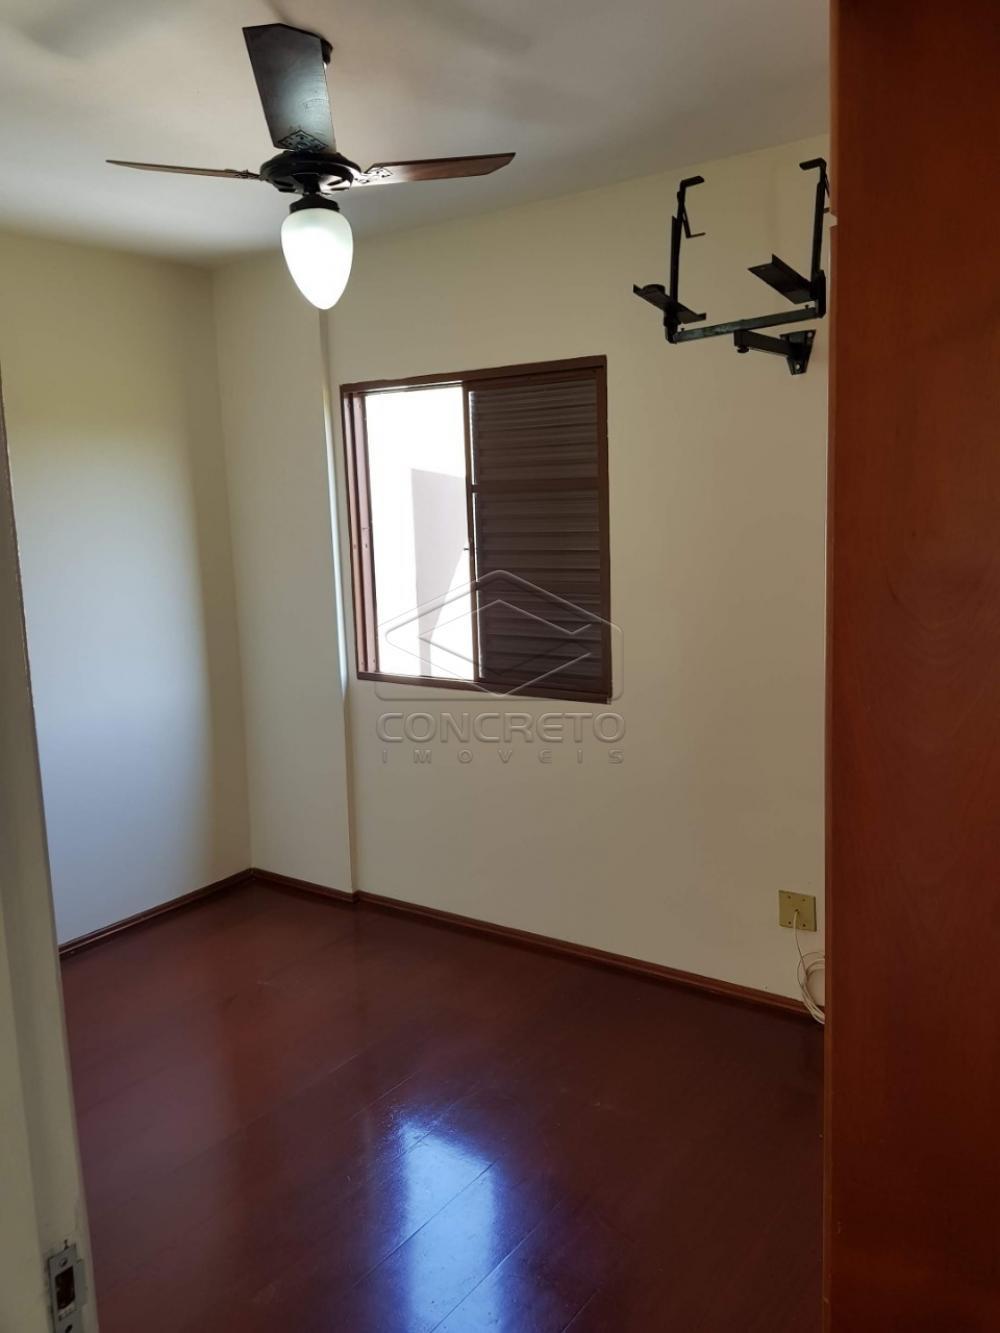 Comprar Apartamento / Padrão em Bauru R$ 113.000,00 - Foto 11